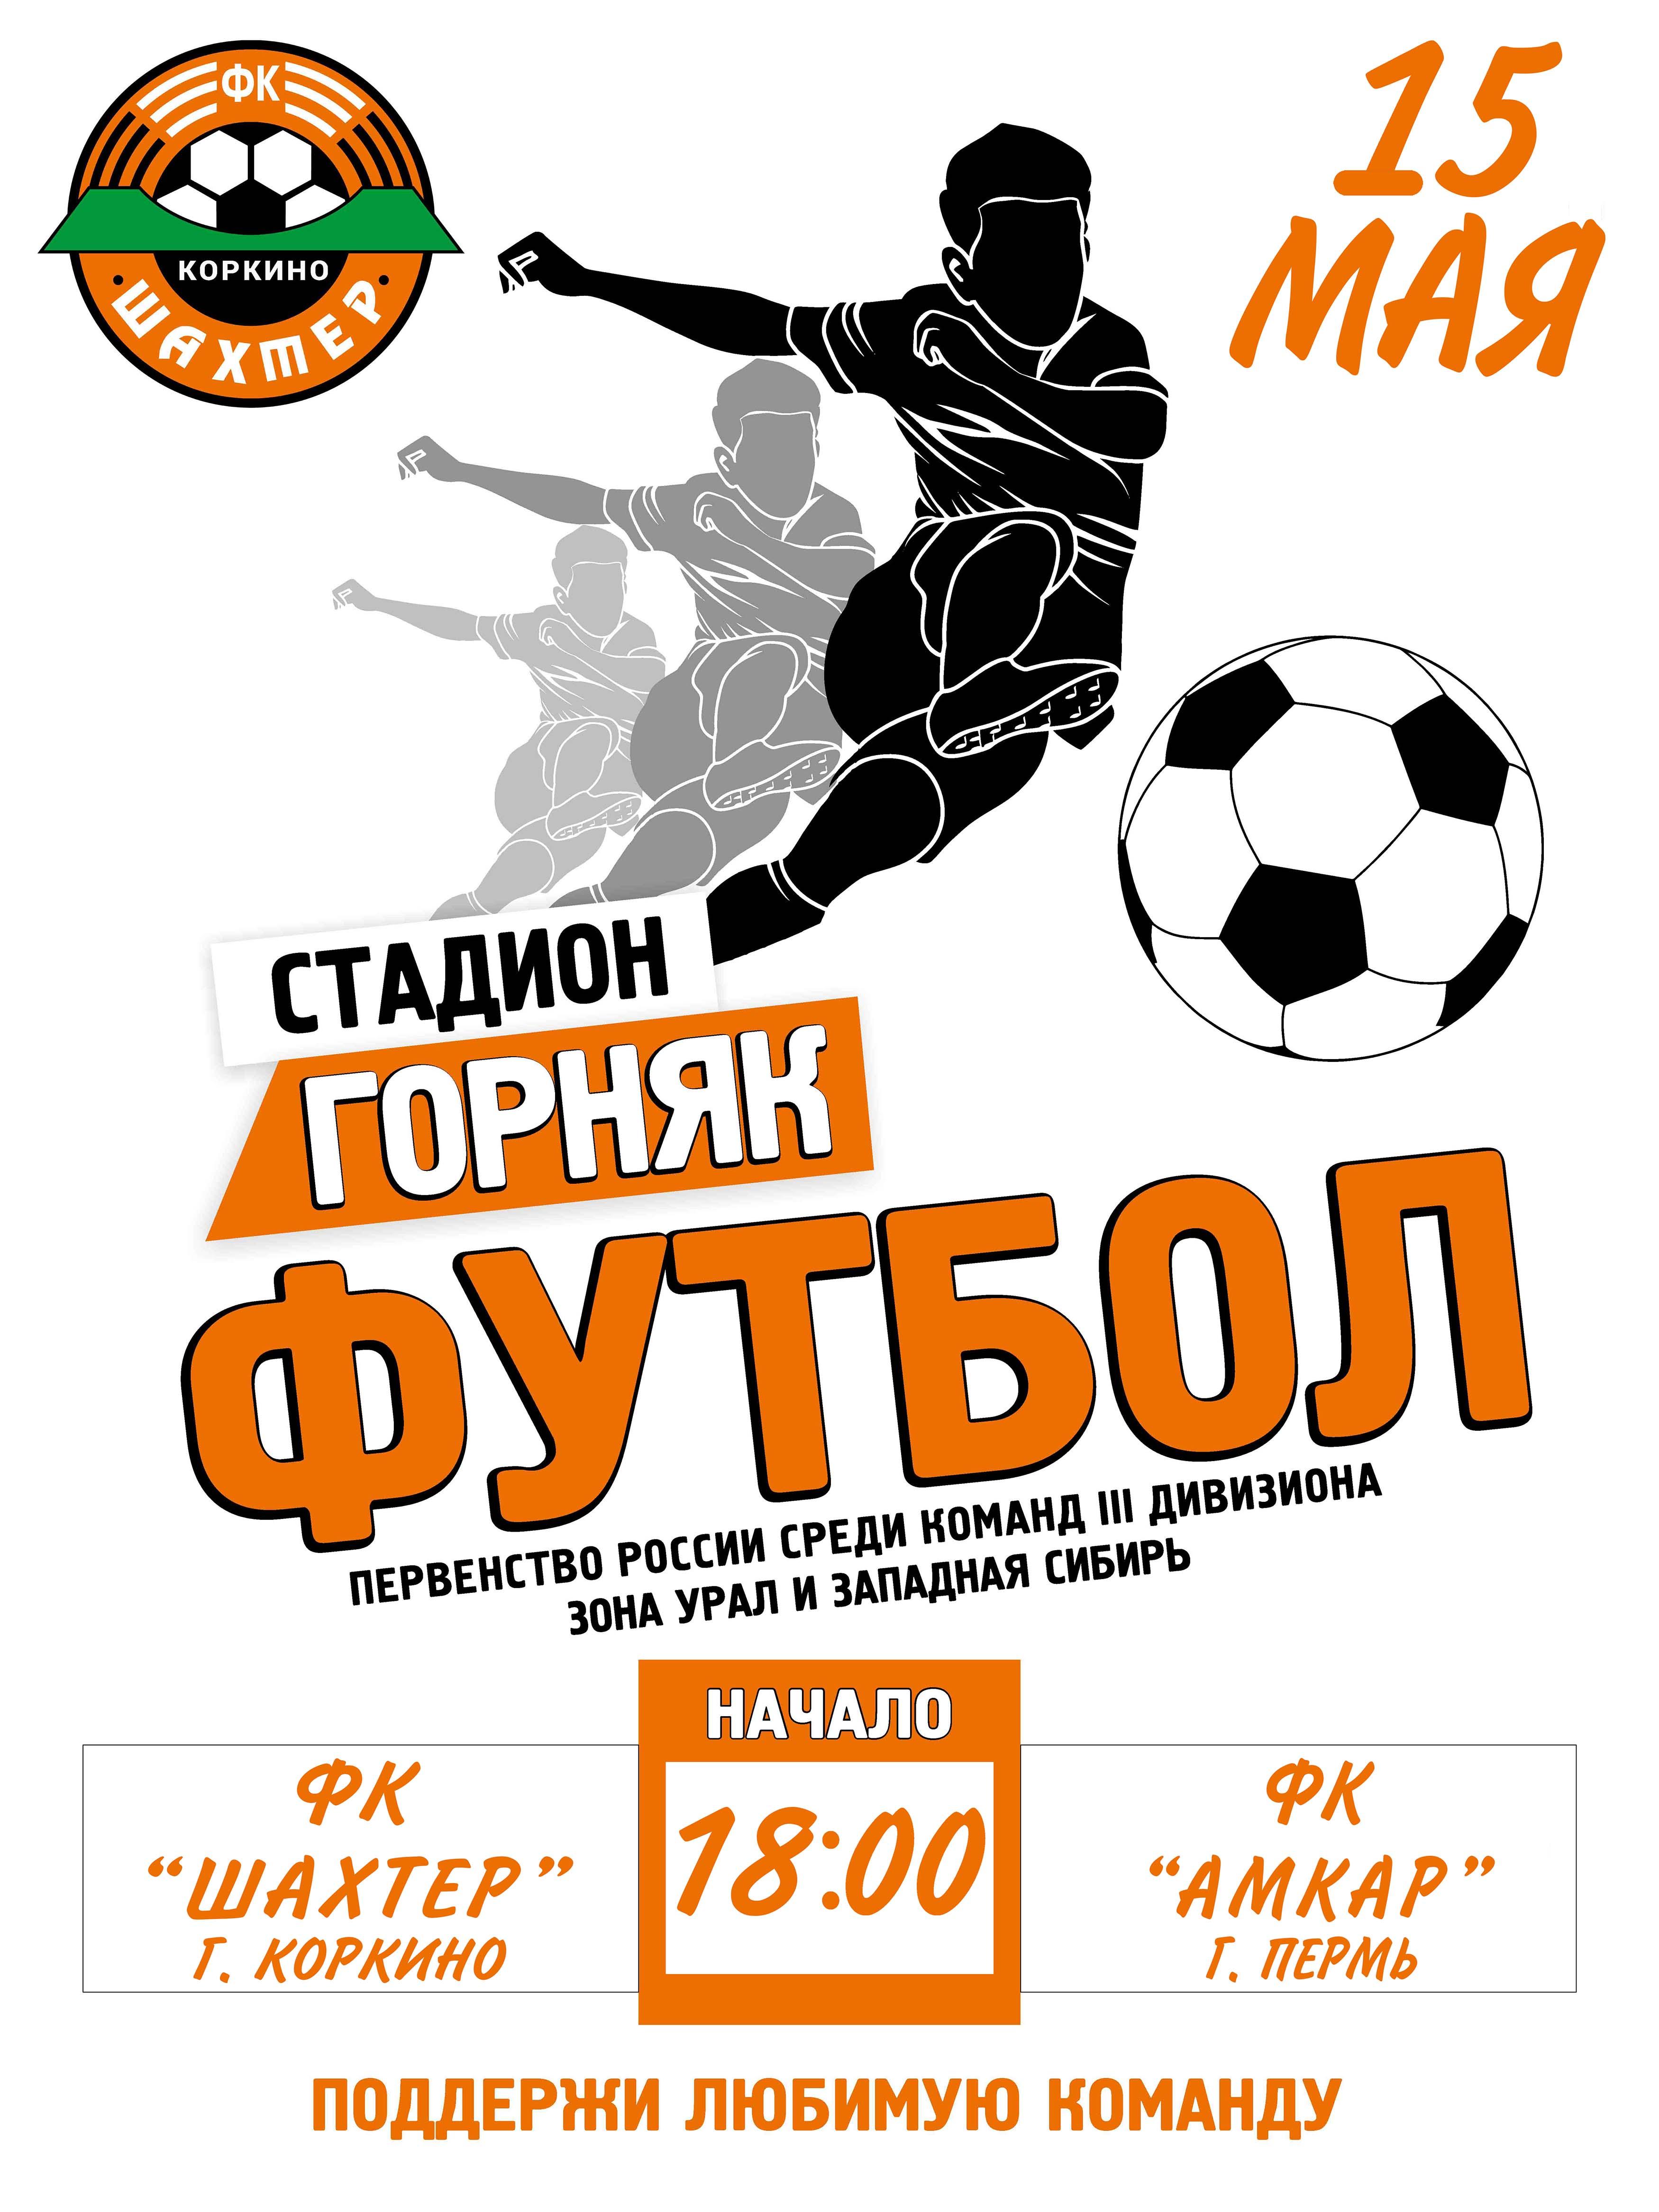 Коркинский «Шахтёр» принимает грозный «Амкар». Все – на футбол!